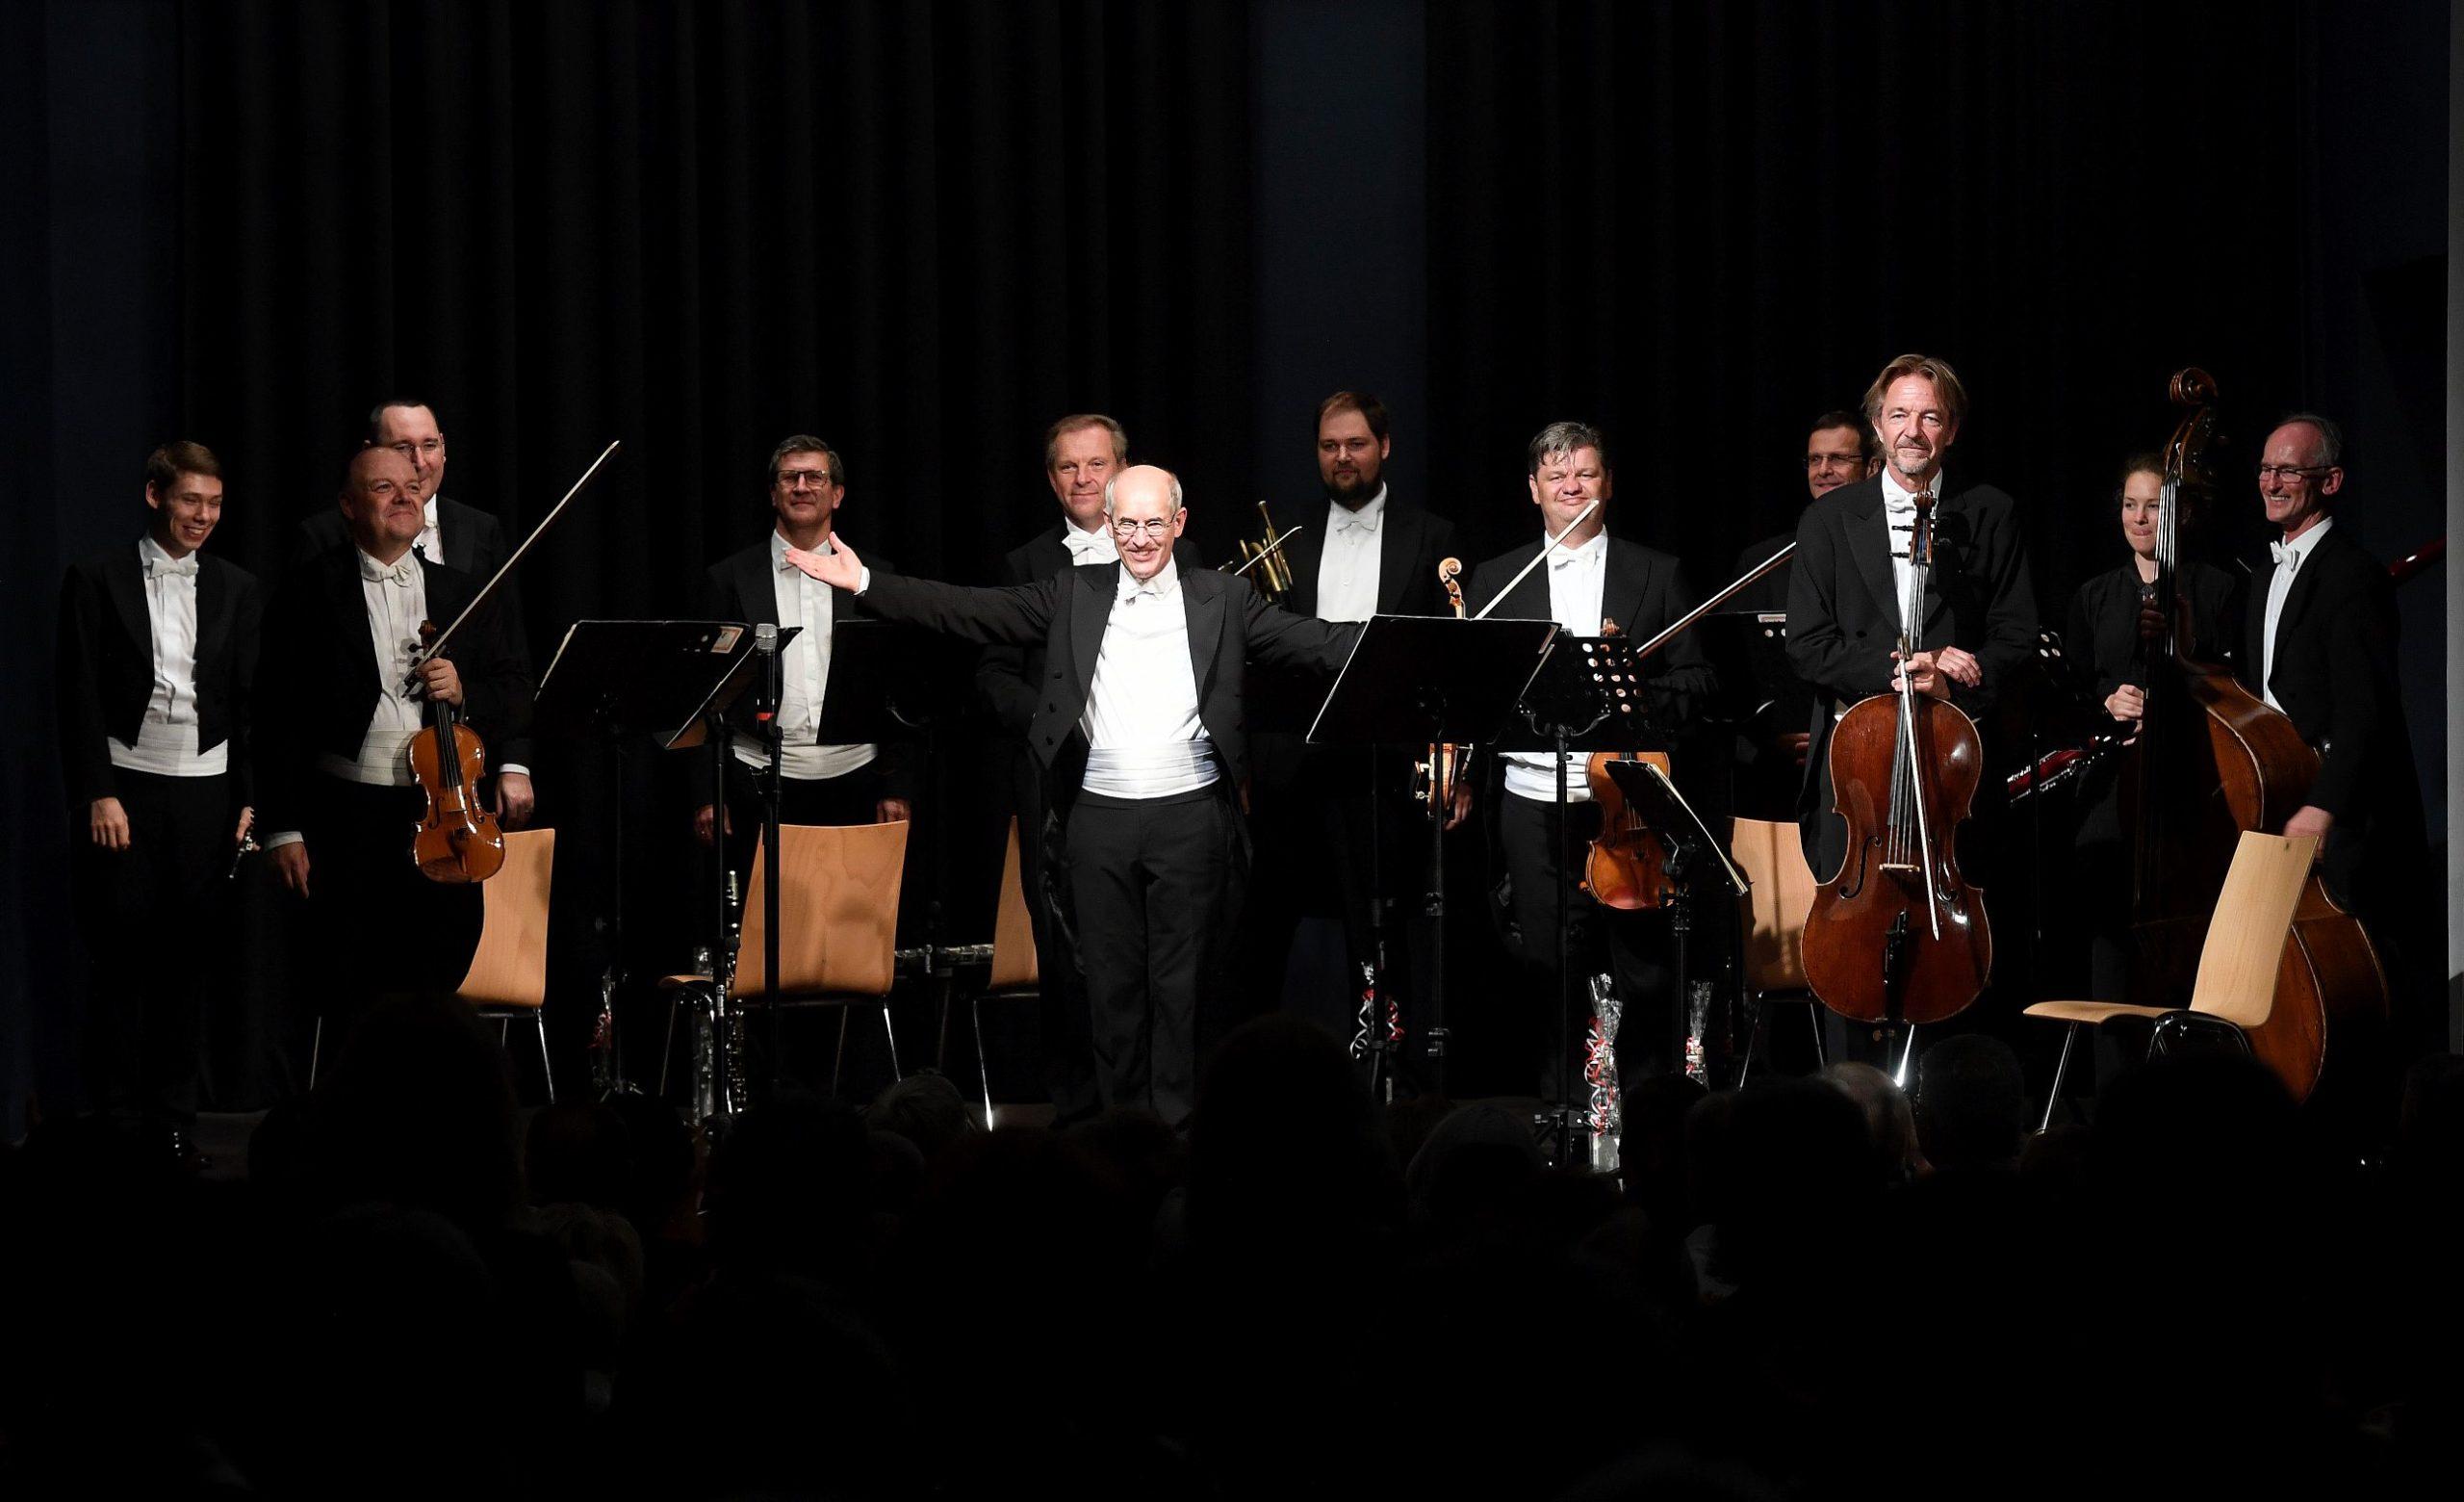 Wiener Symphoniker - Johann Strauss Ensemble